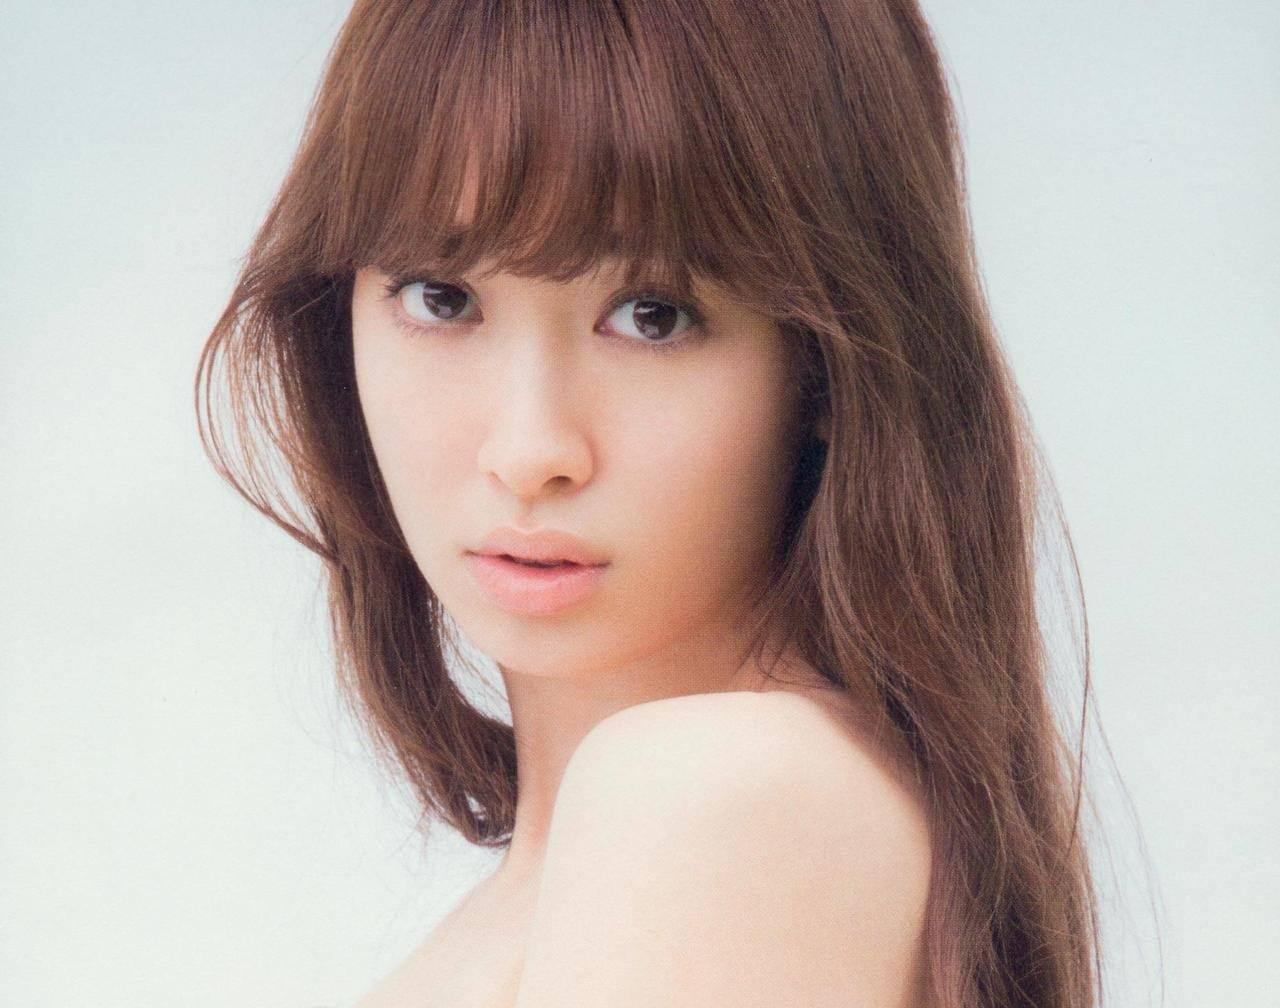 小嶋陽菜 こじはるの手ブラミソジお乳&生尻丸出し色っぽい写真